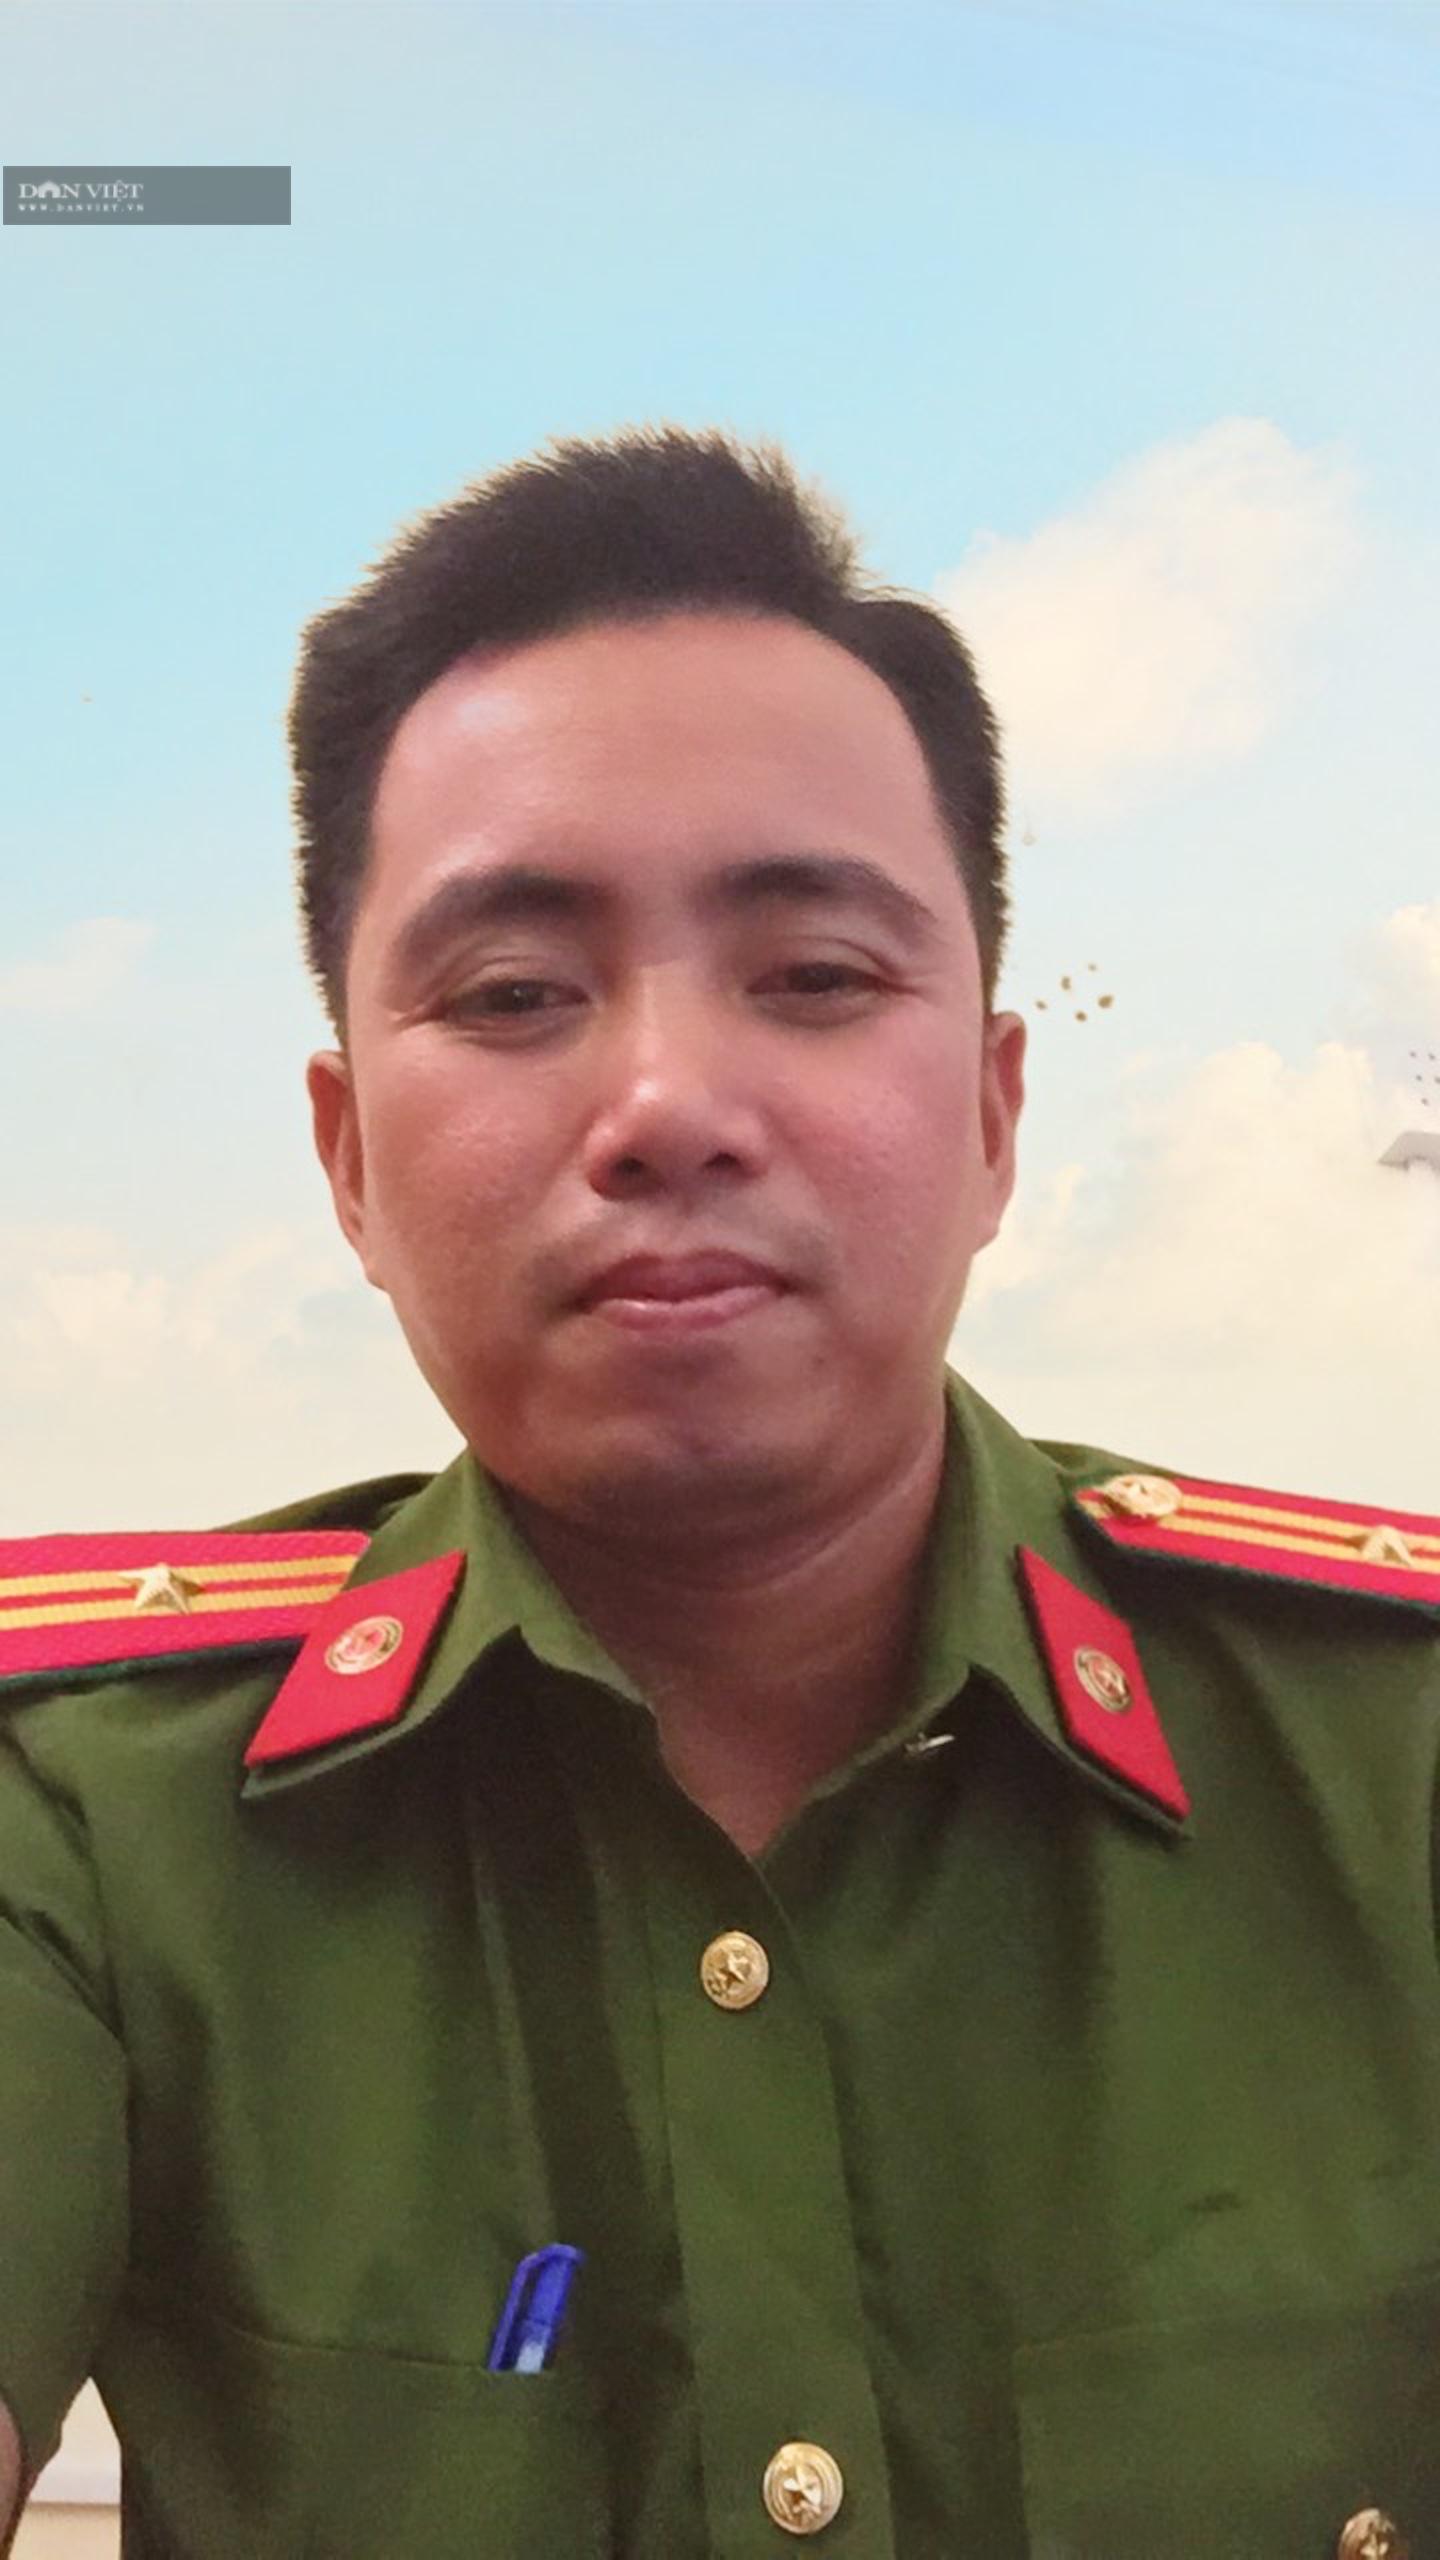 Hải Phòng: Trần tình của nguyên thiếu tá công an dũng cảm tố cáo khiến nhiều cán bộ công an quận Đồ Sơn bị bắt - Ảnh 1.